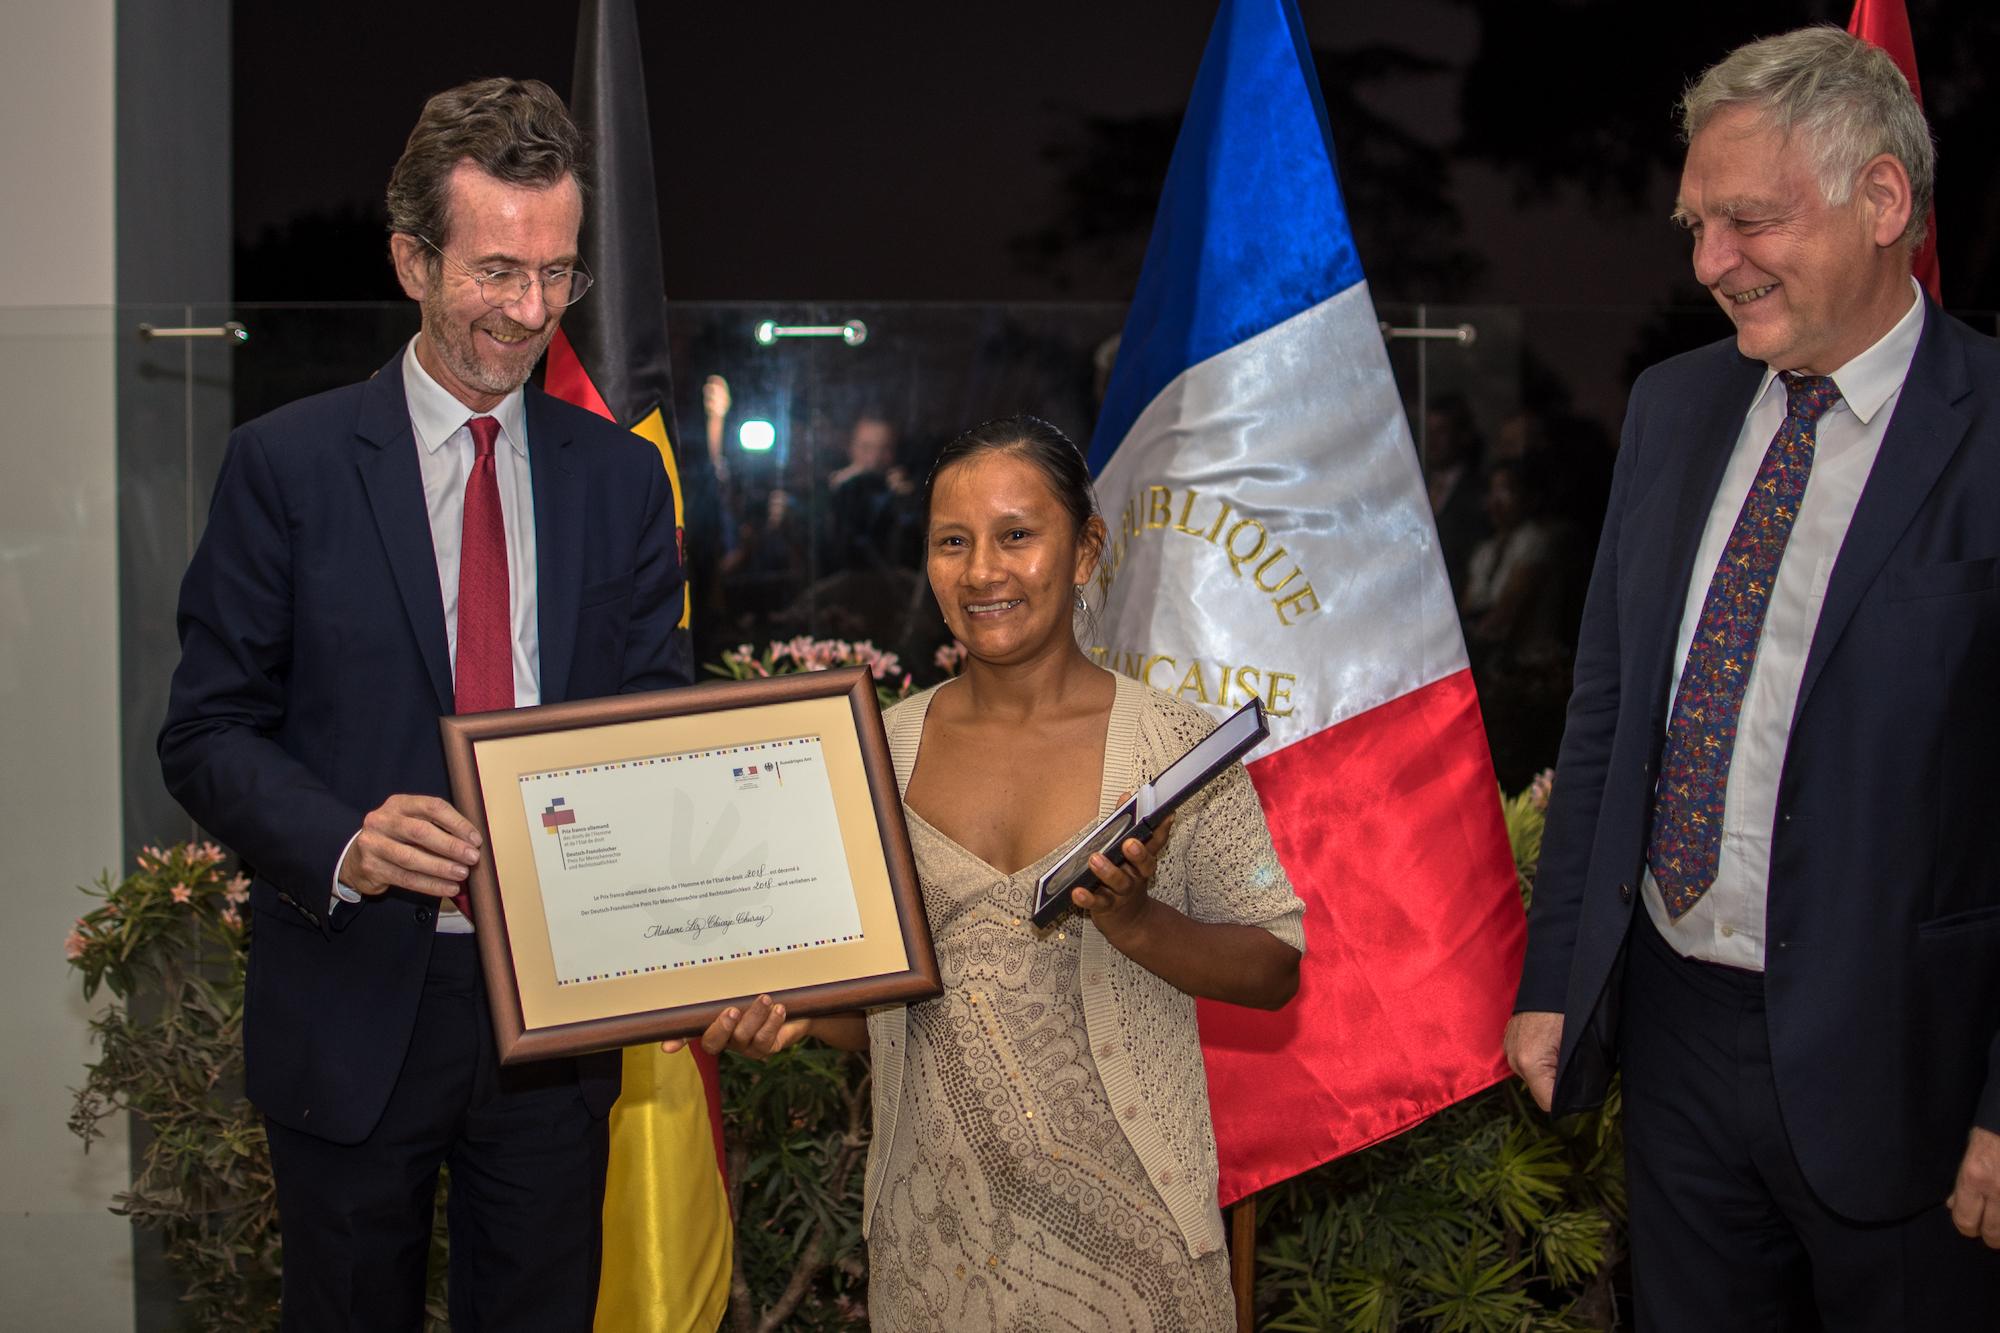 La peruana Liz Chicaje ha sido una de las principales impulsoras de la creación del Parque Nacional Yaguas. También ha sido dirigente de una federación indígena que reúne 14 comunidades. Foto: Javier Fernández-Maldonado/FZS Perú.